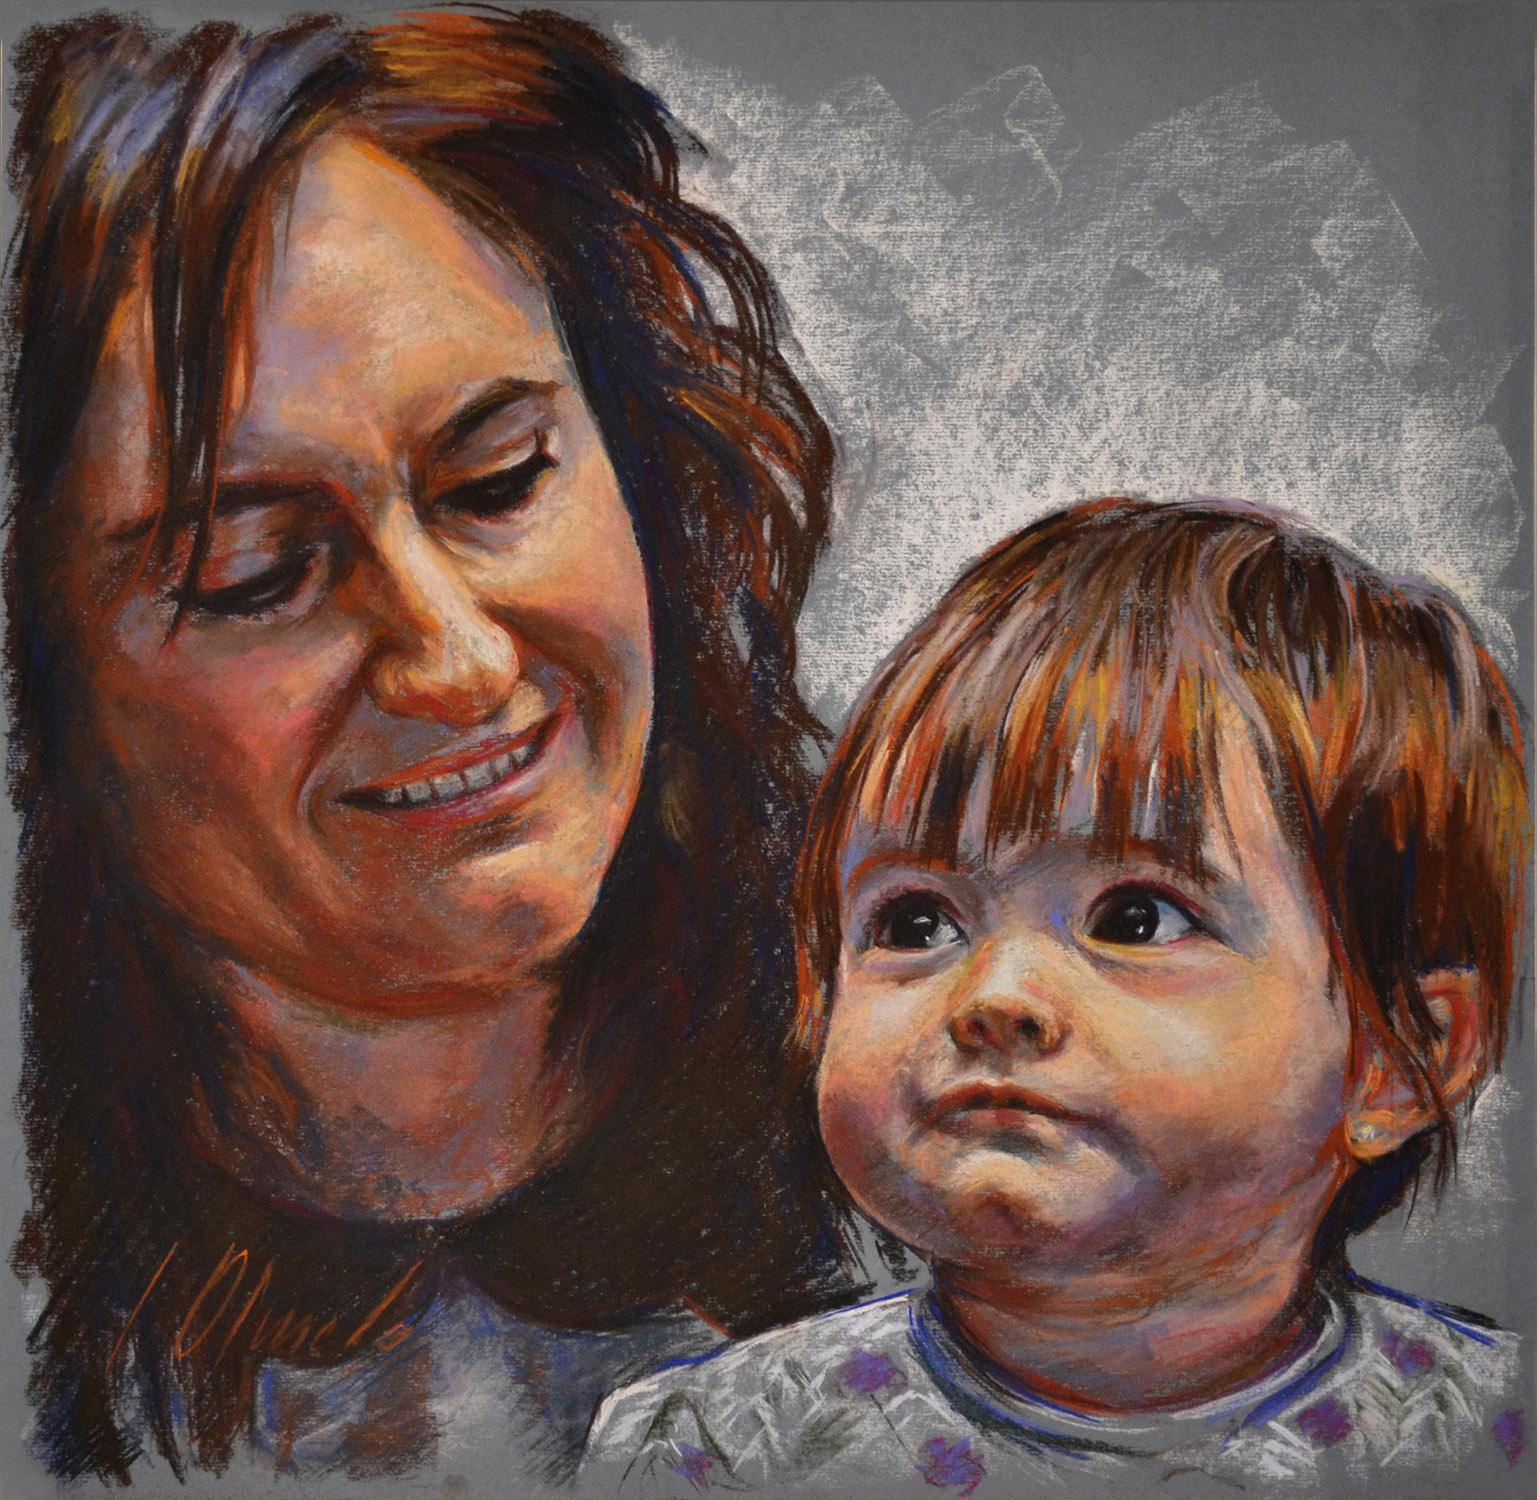 Paloma y Saioa. Javier Olmedo, retratos en pastel, 2012